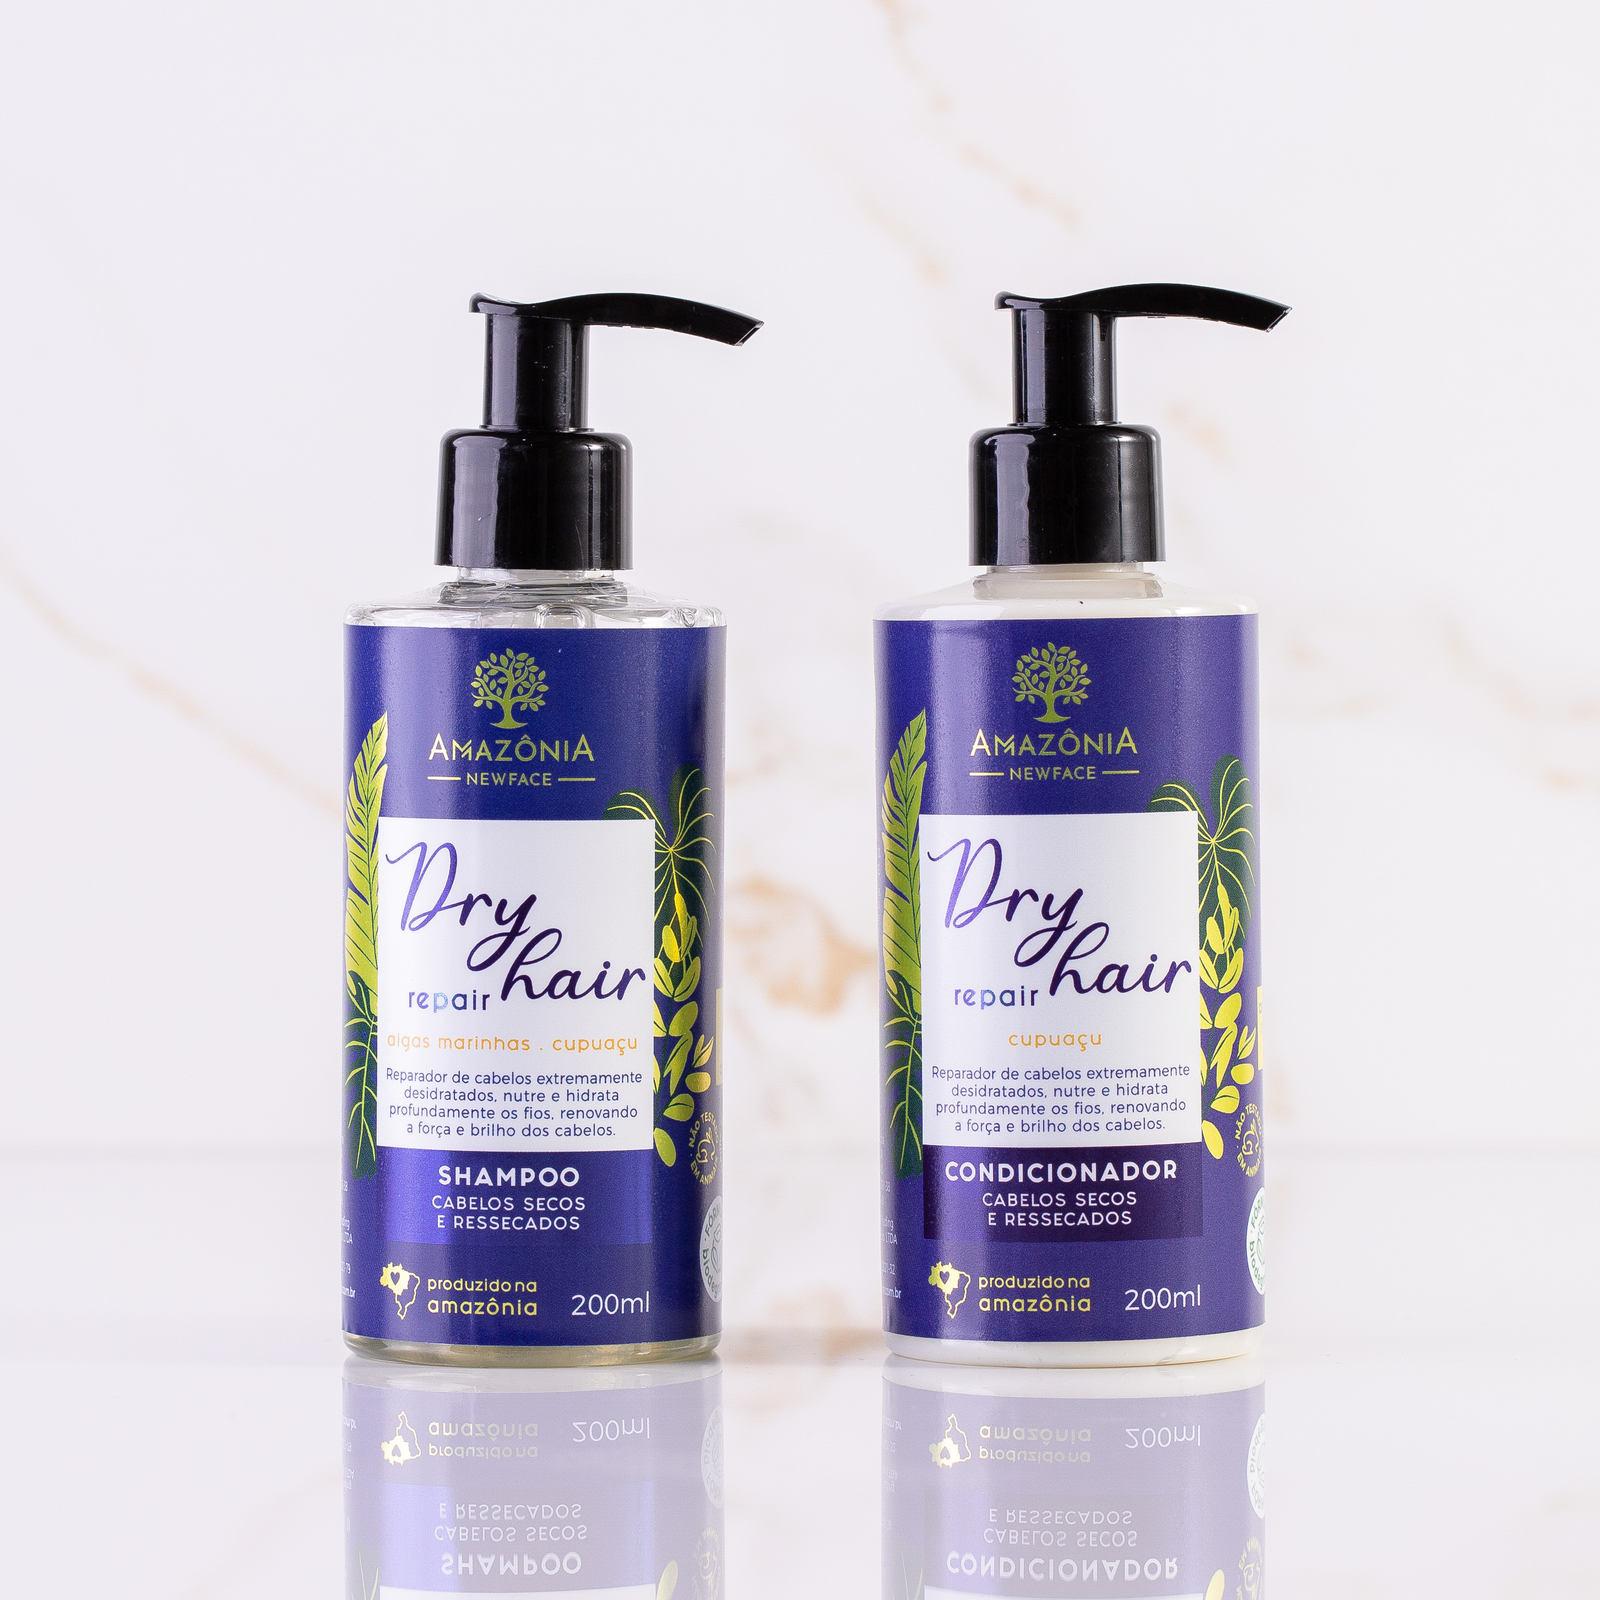 Kit Dry Hair Repair